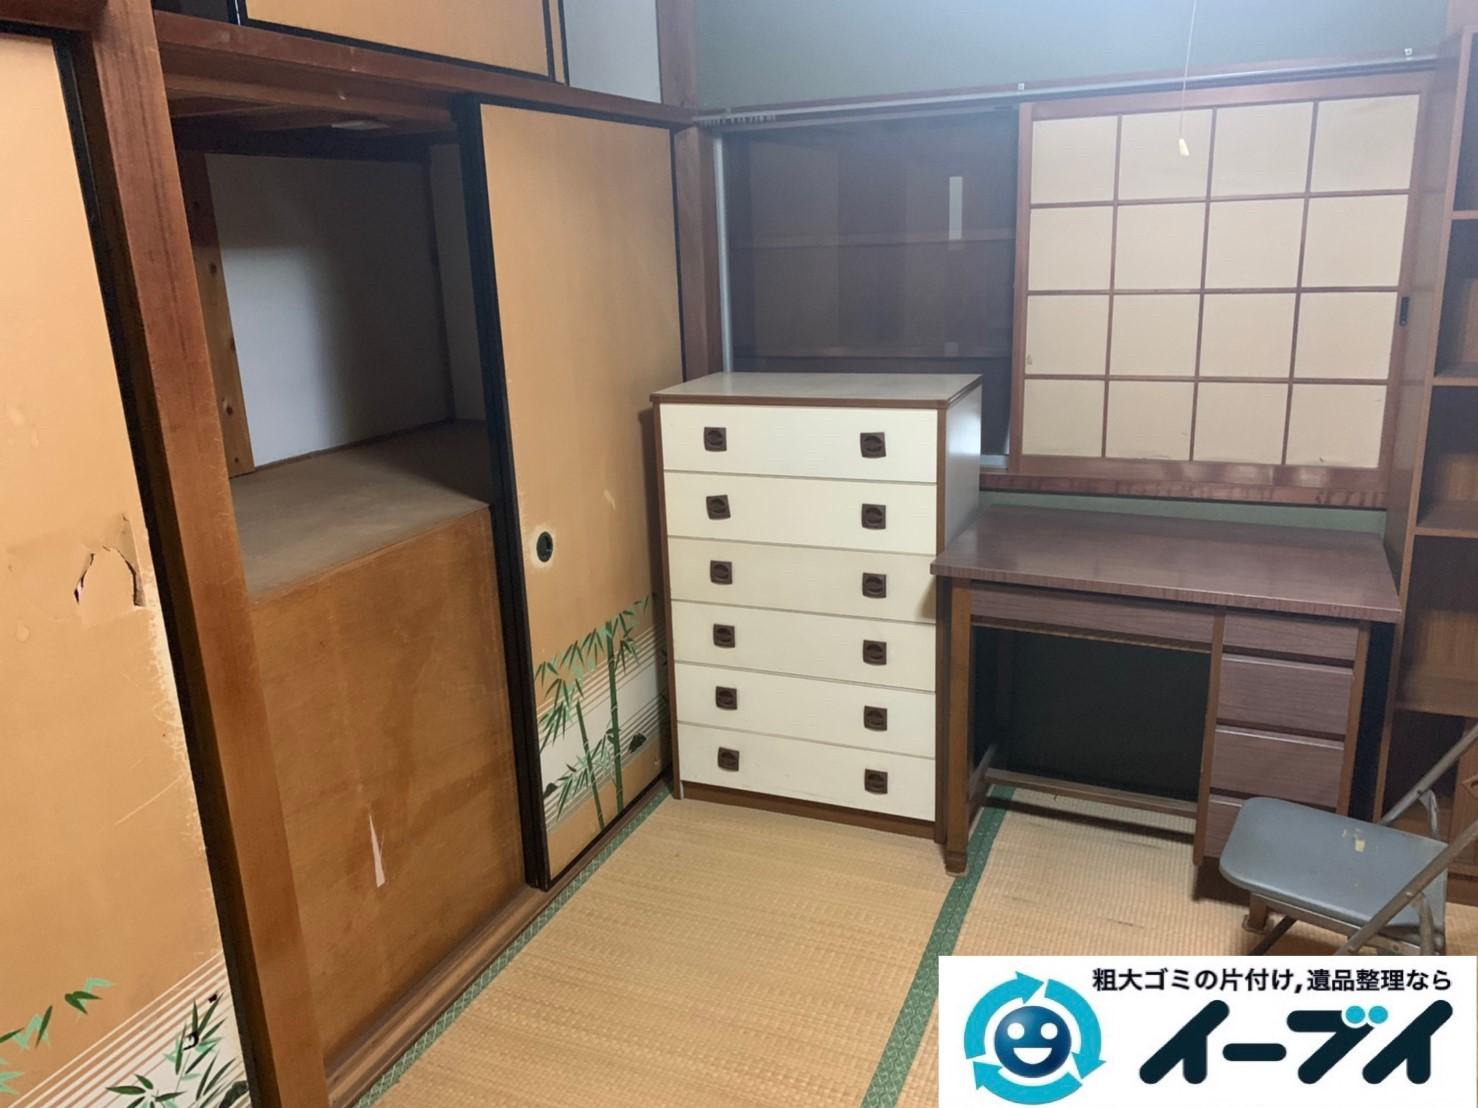 2019年8月8日大阪府大阪市北区で洋服ダンスや整理箪笥の大型家具処分。写真3